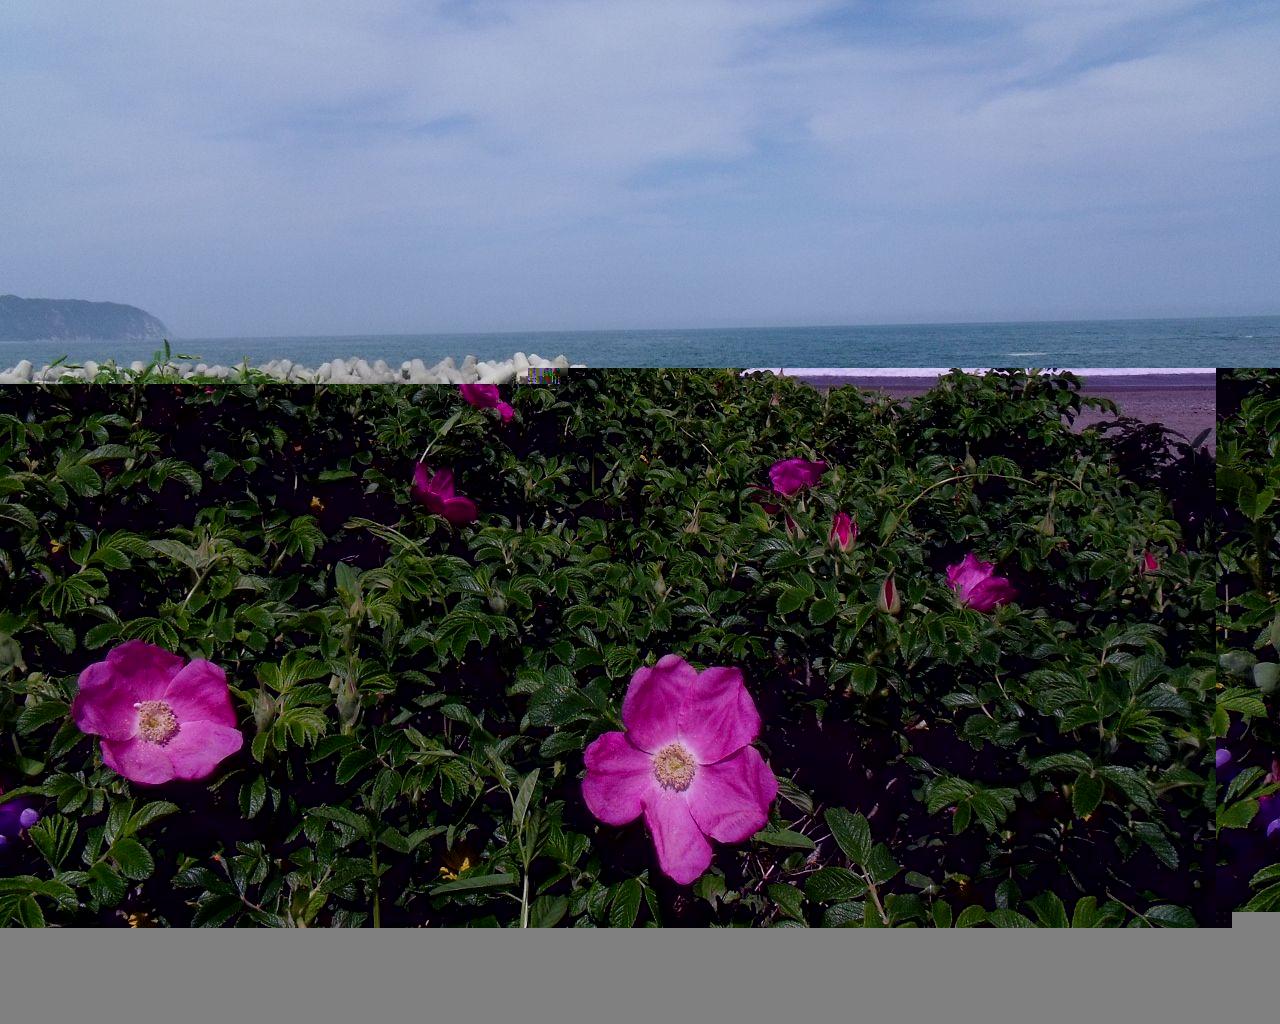 初夏の訪れ(岩手県野田村)